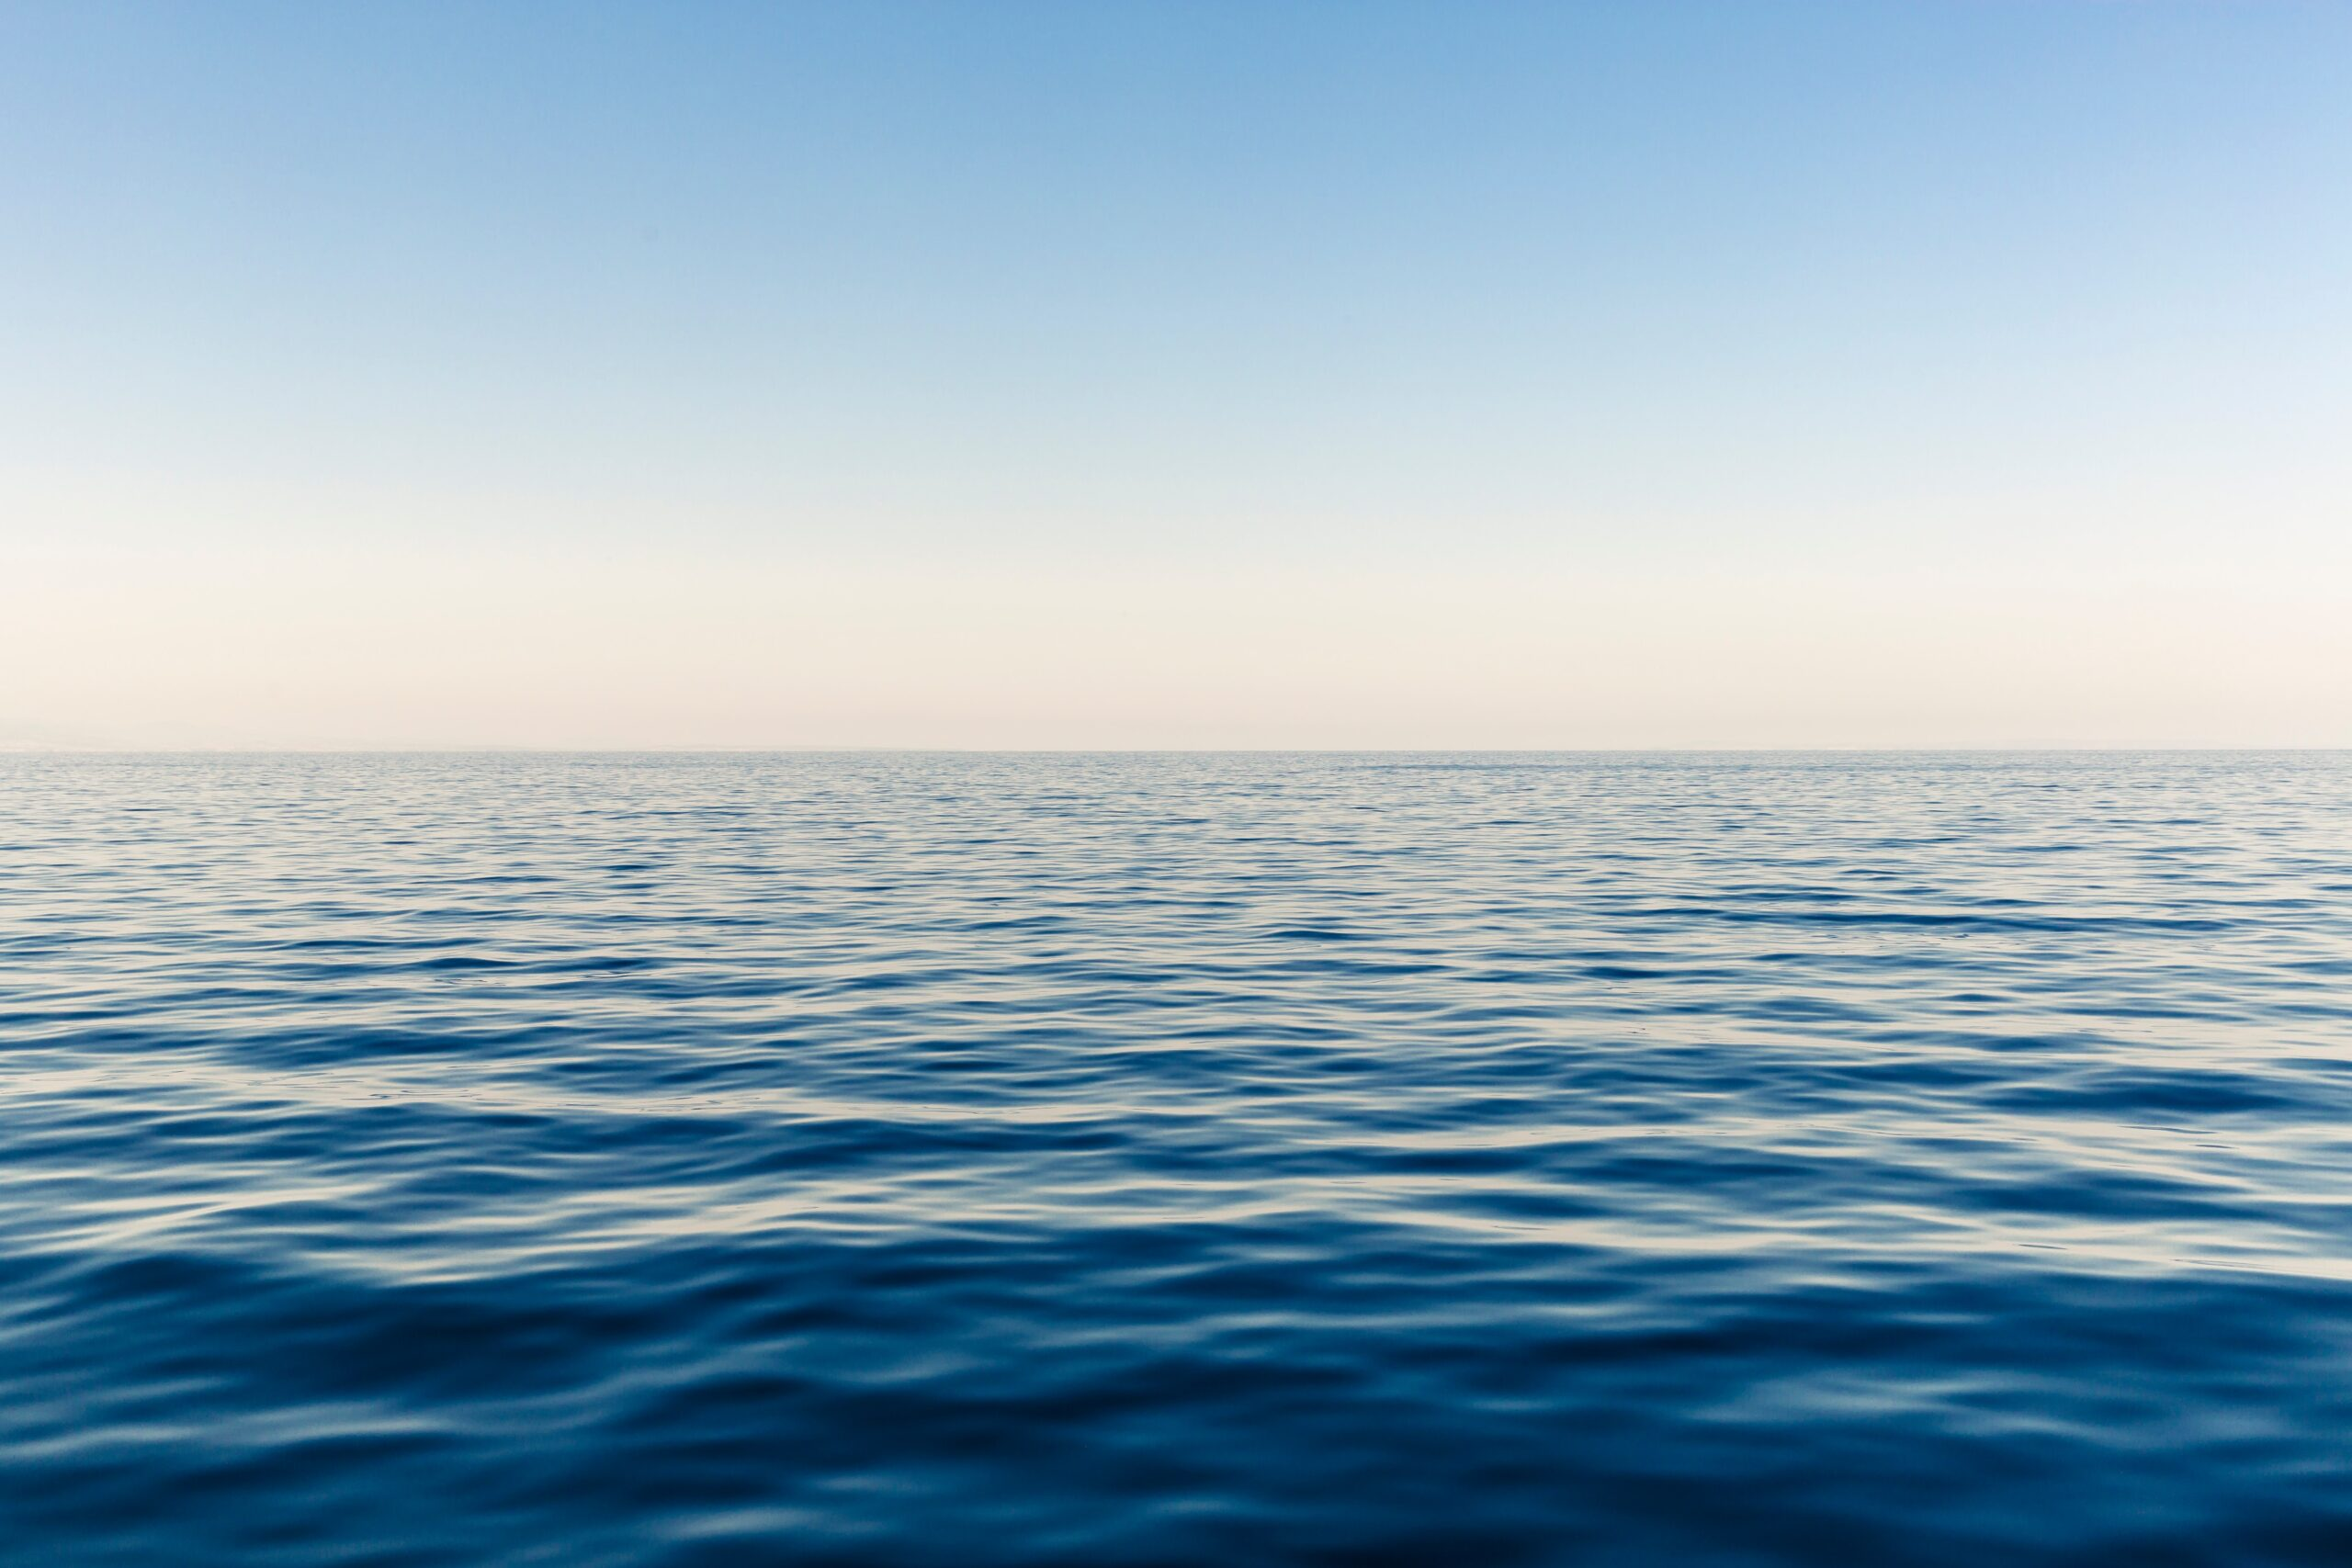 antonino ficili quando si diventa mare